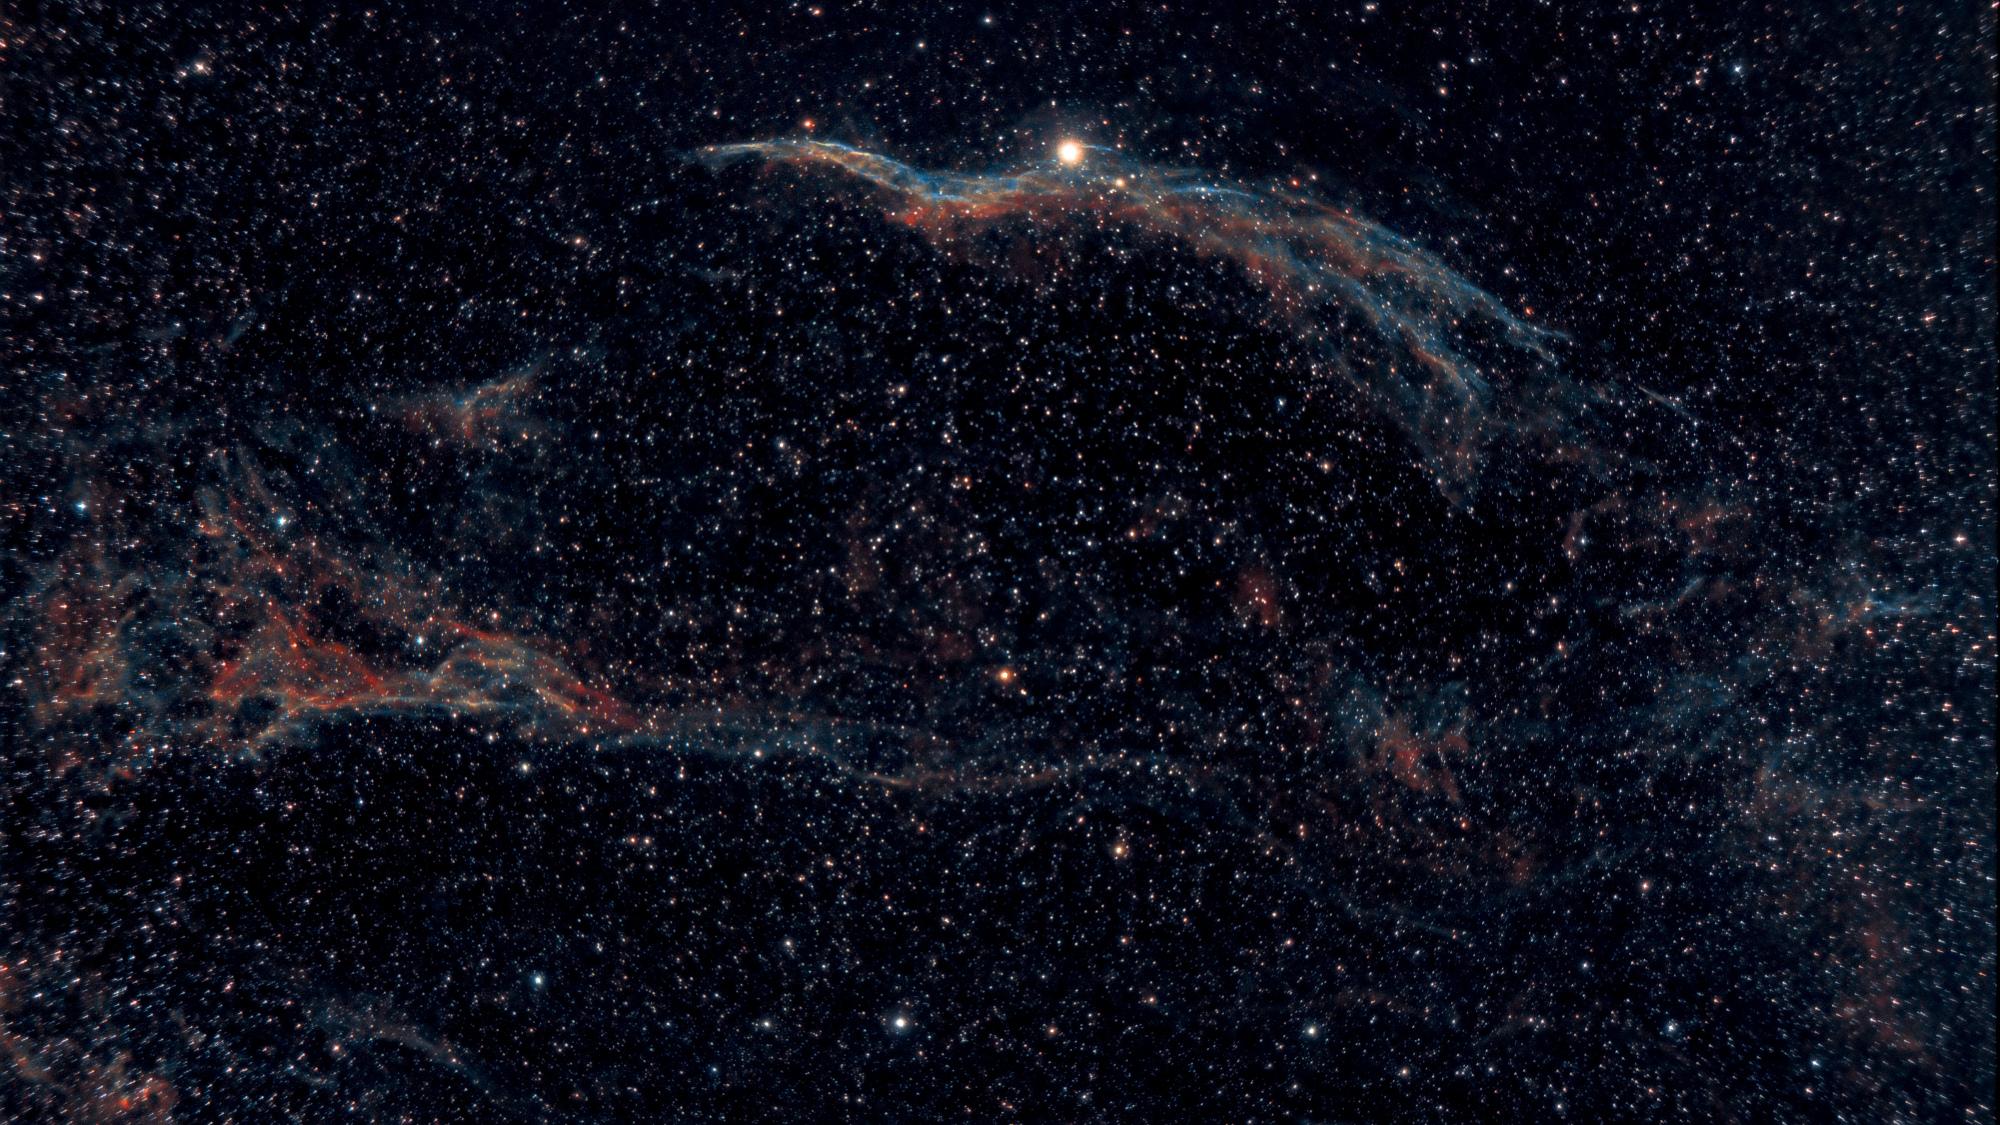 Petite_Dentelle_du_Cygne_NGC_6960_-_51x150s_ISO800_V2.jpg